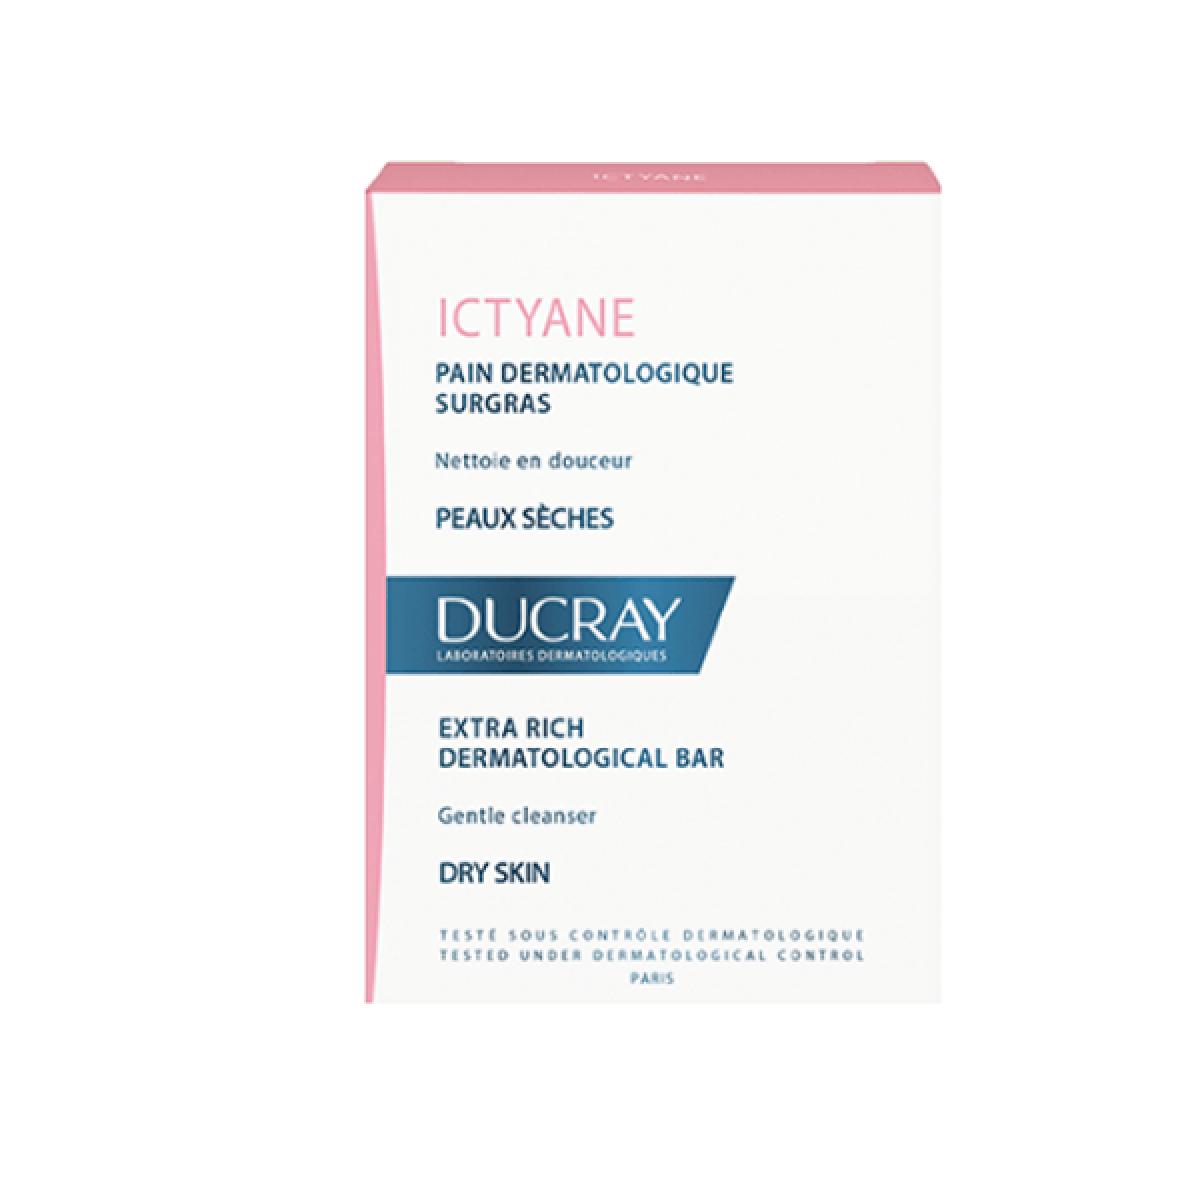 DUCRAY - Tous les produits DUCRAY sont en vente - Pharmarket